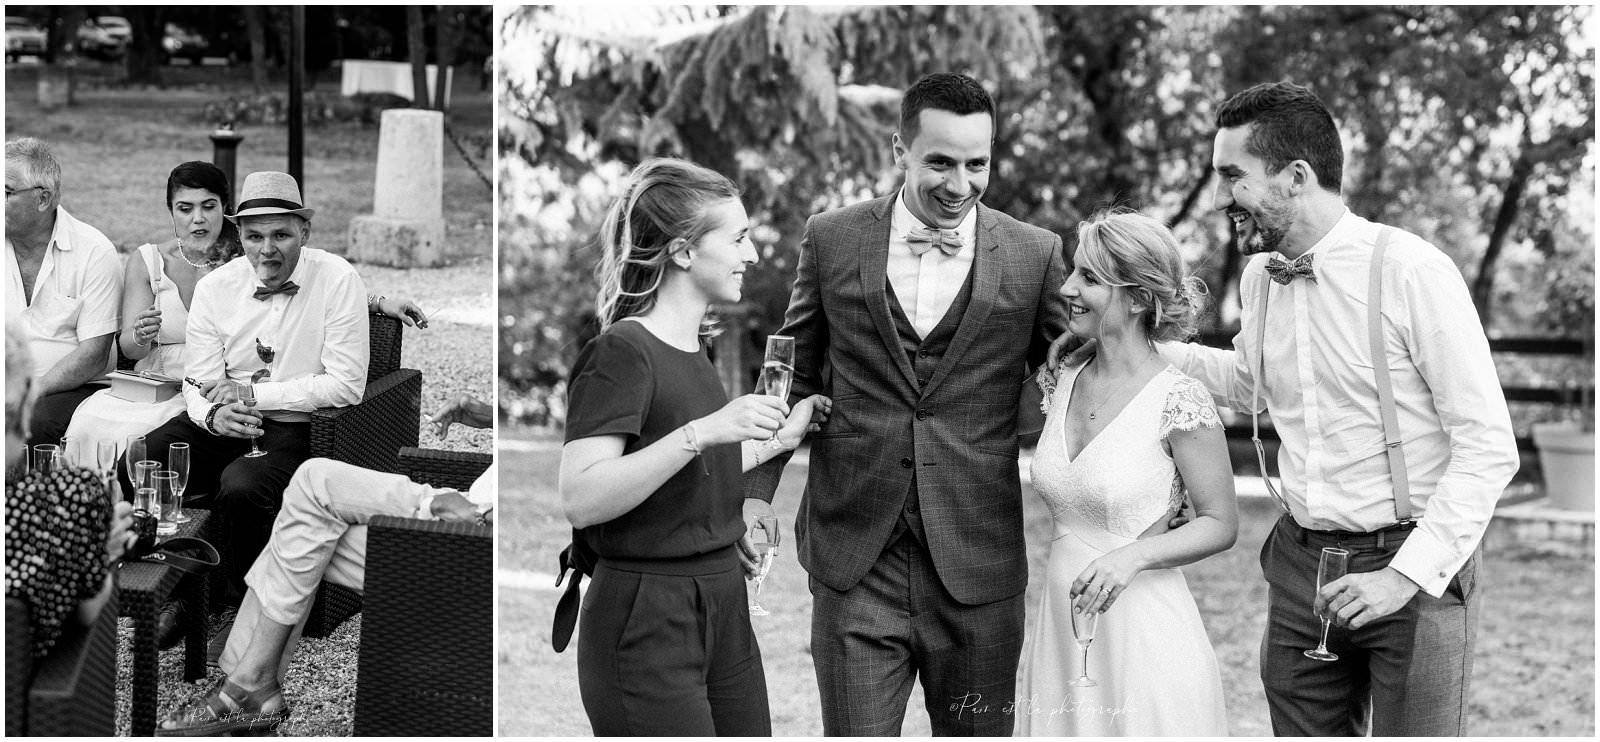 photos de mariage prises sur le vif